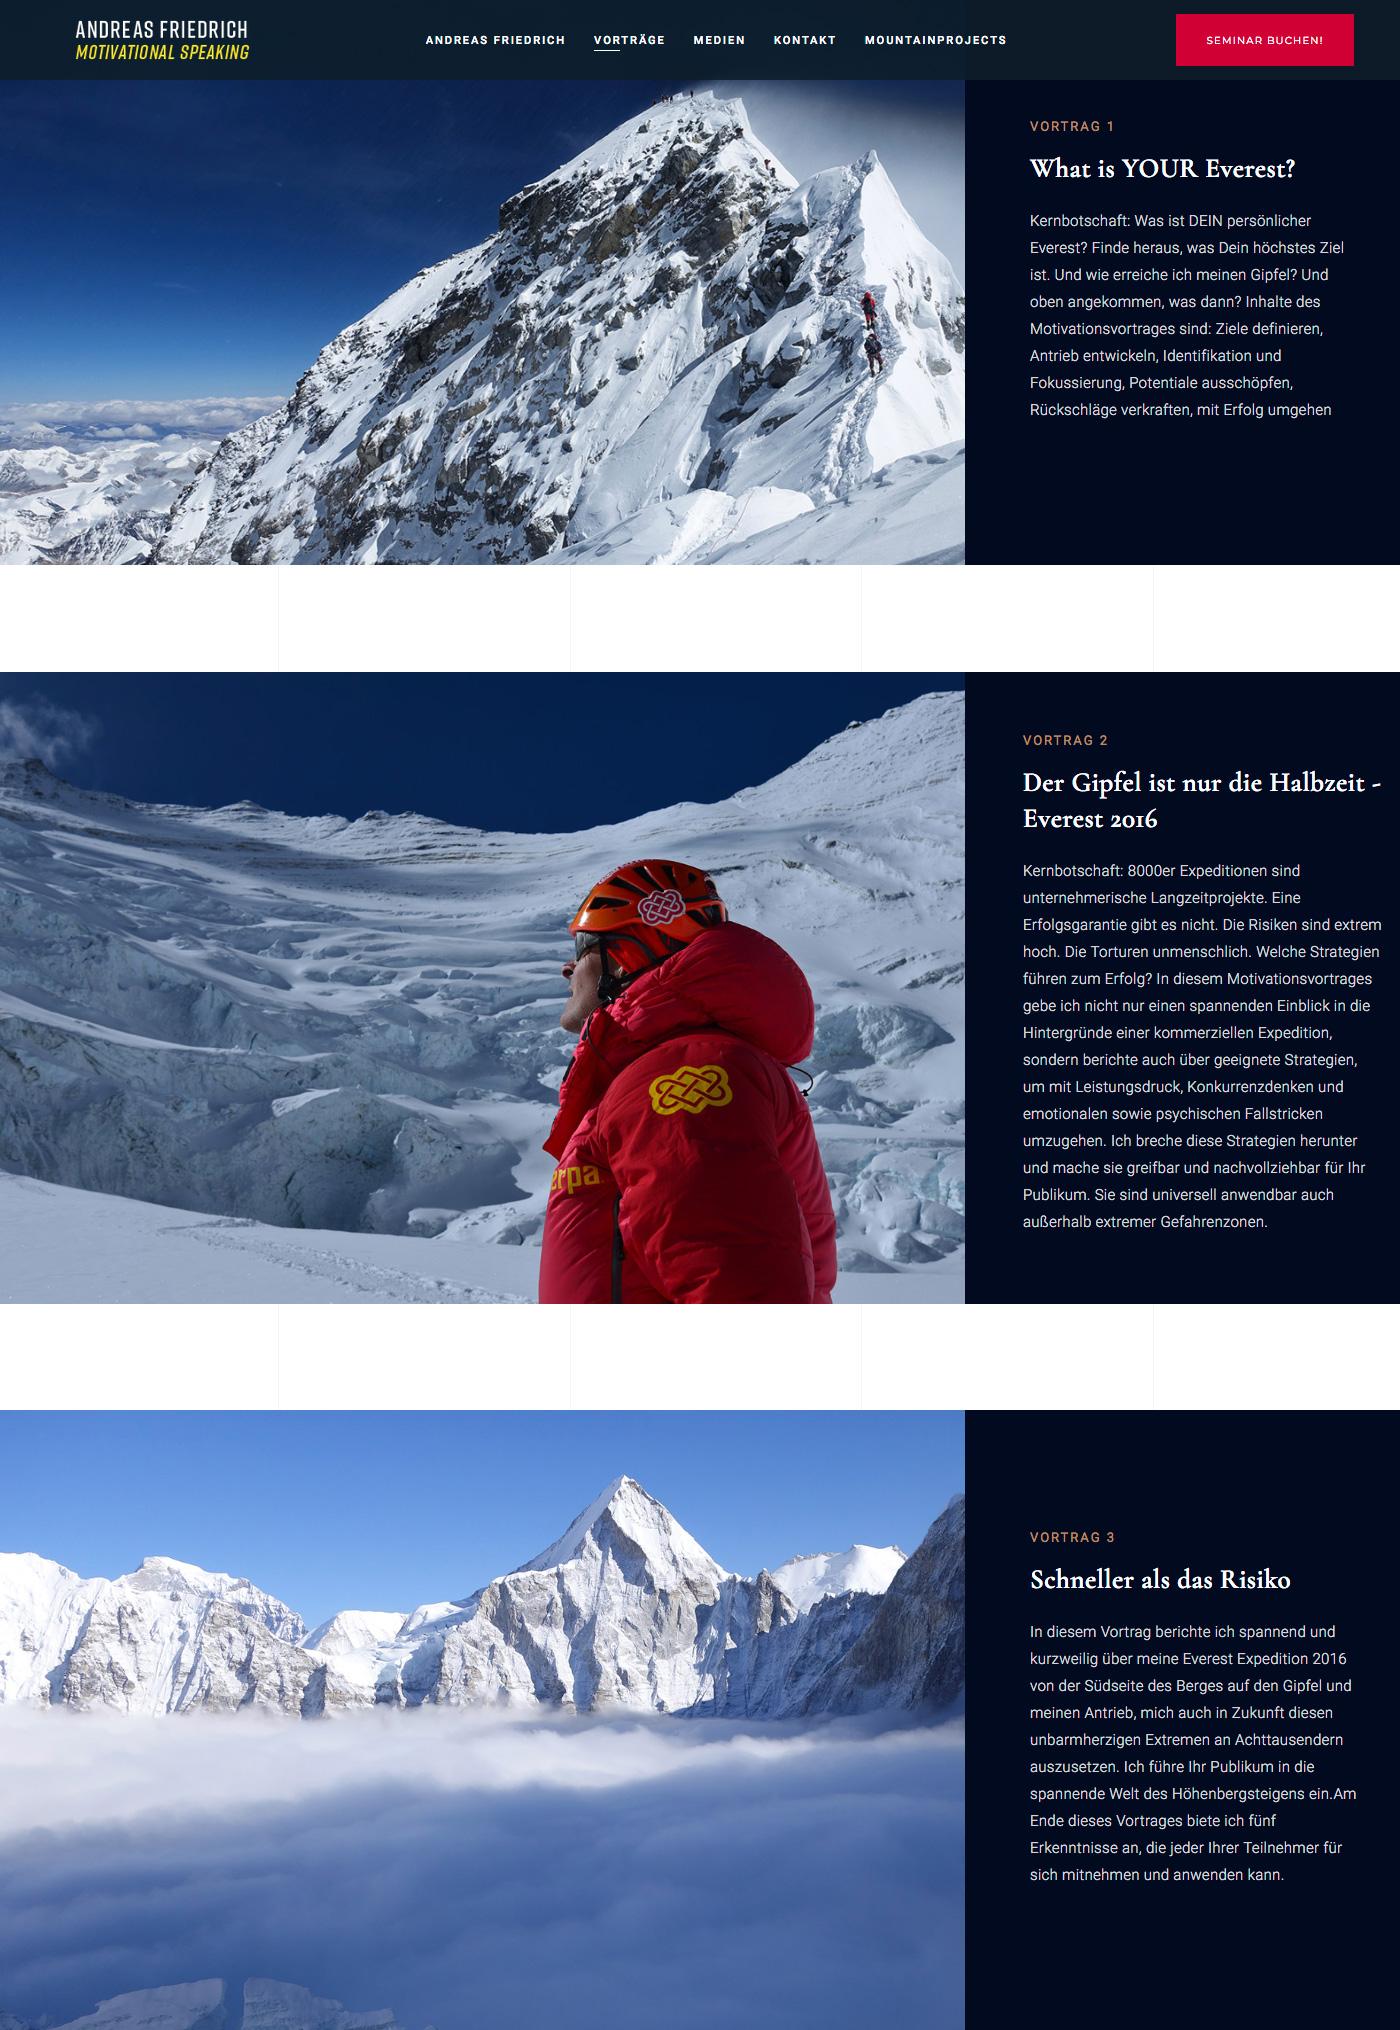 Webdesign Webseite - Andreas Friedrich - Vorträge